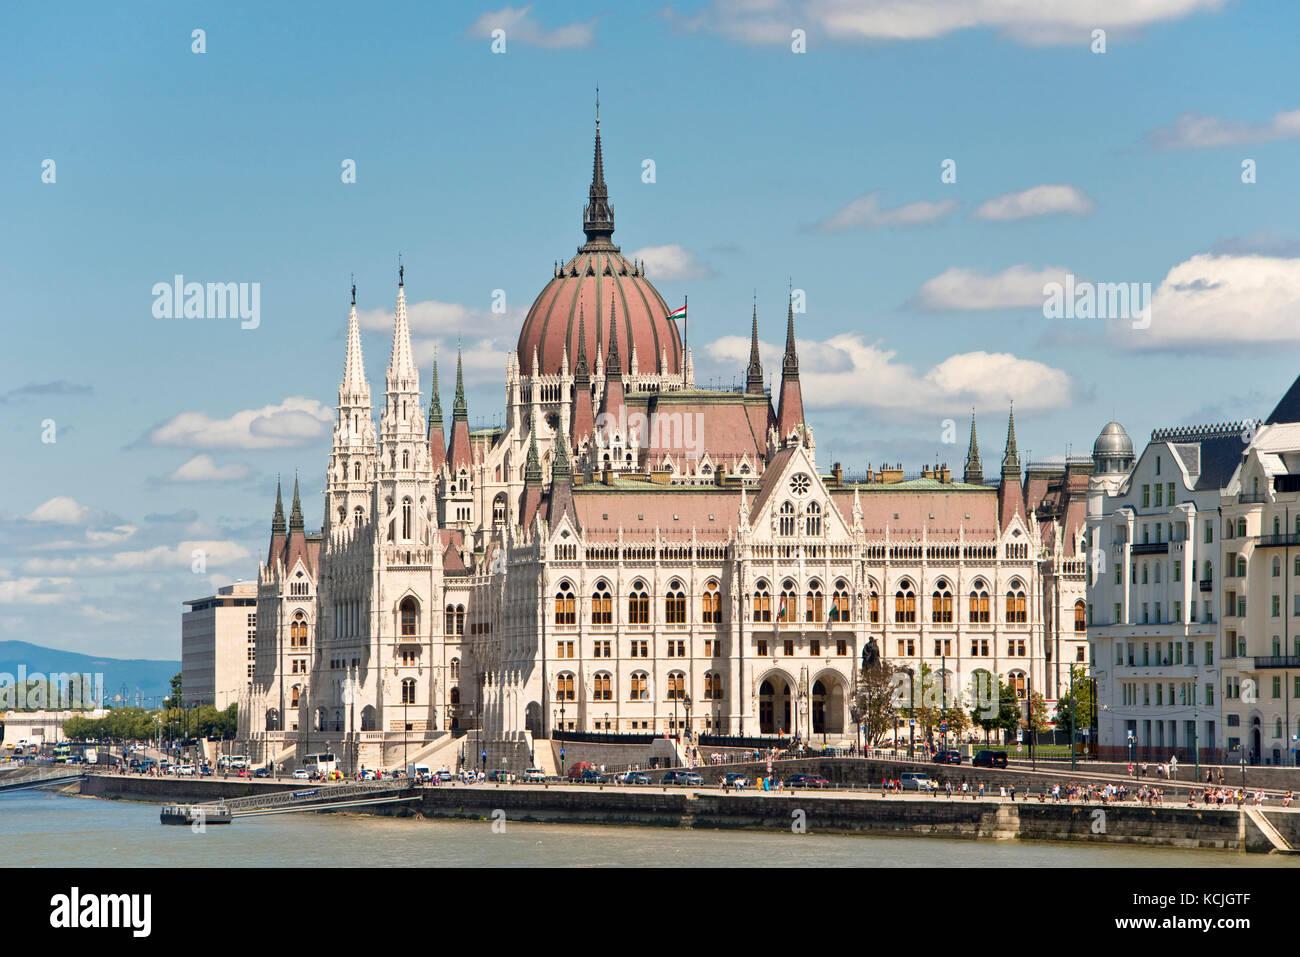 Una vista del edificio parliment húngara sobre el río Danubio en Budapest, en un día soleado con Imagen De Stock